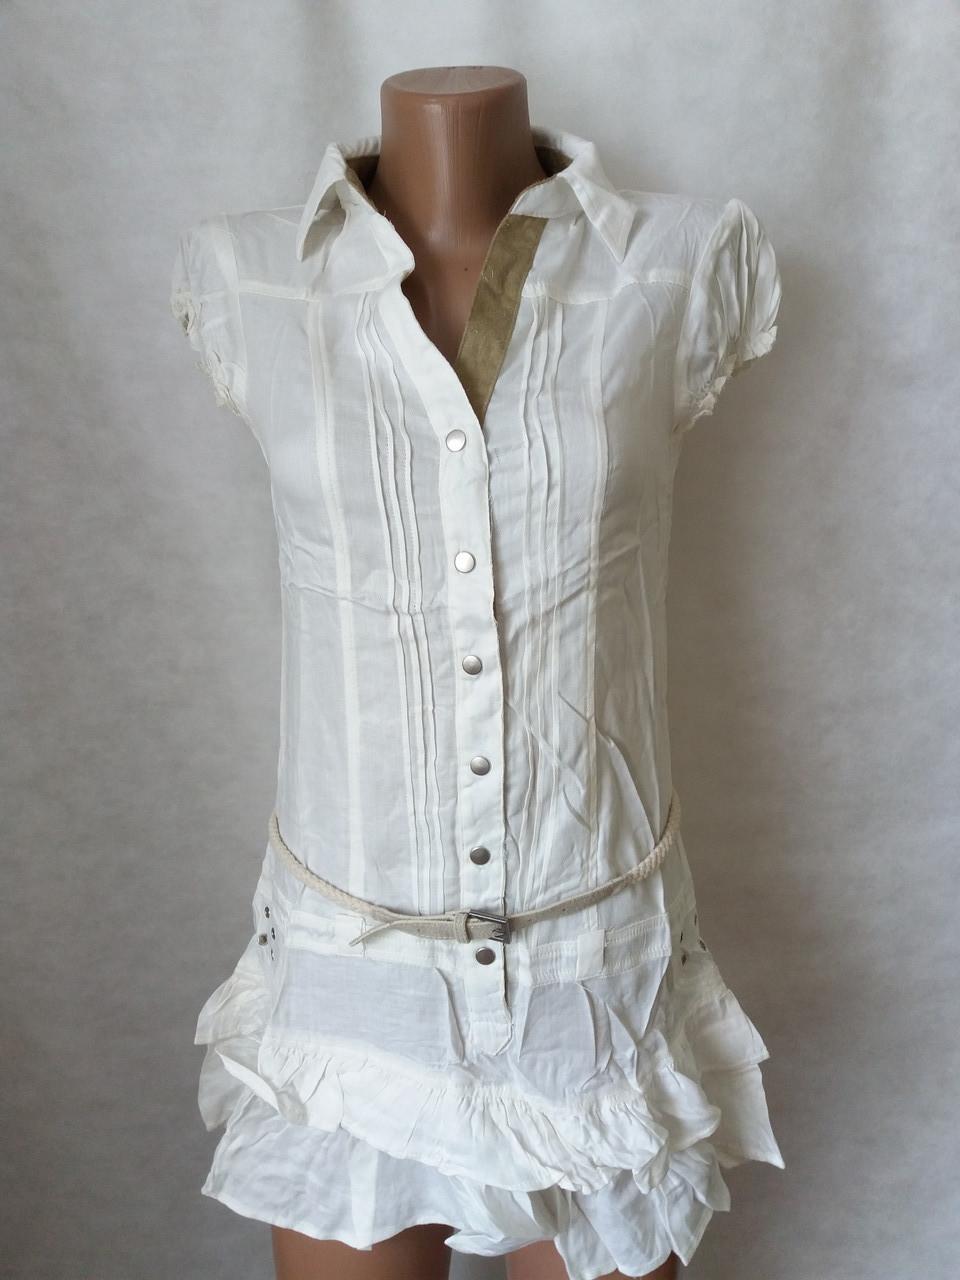 Блузы туники женские хлопок р.42,44,46,48 №0228.Цвета разные.От 16шт по 14грн